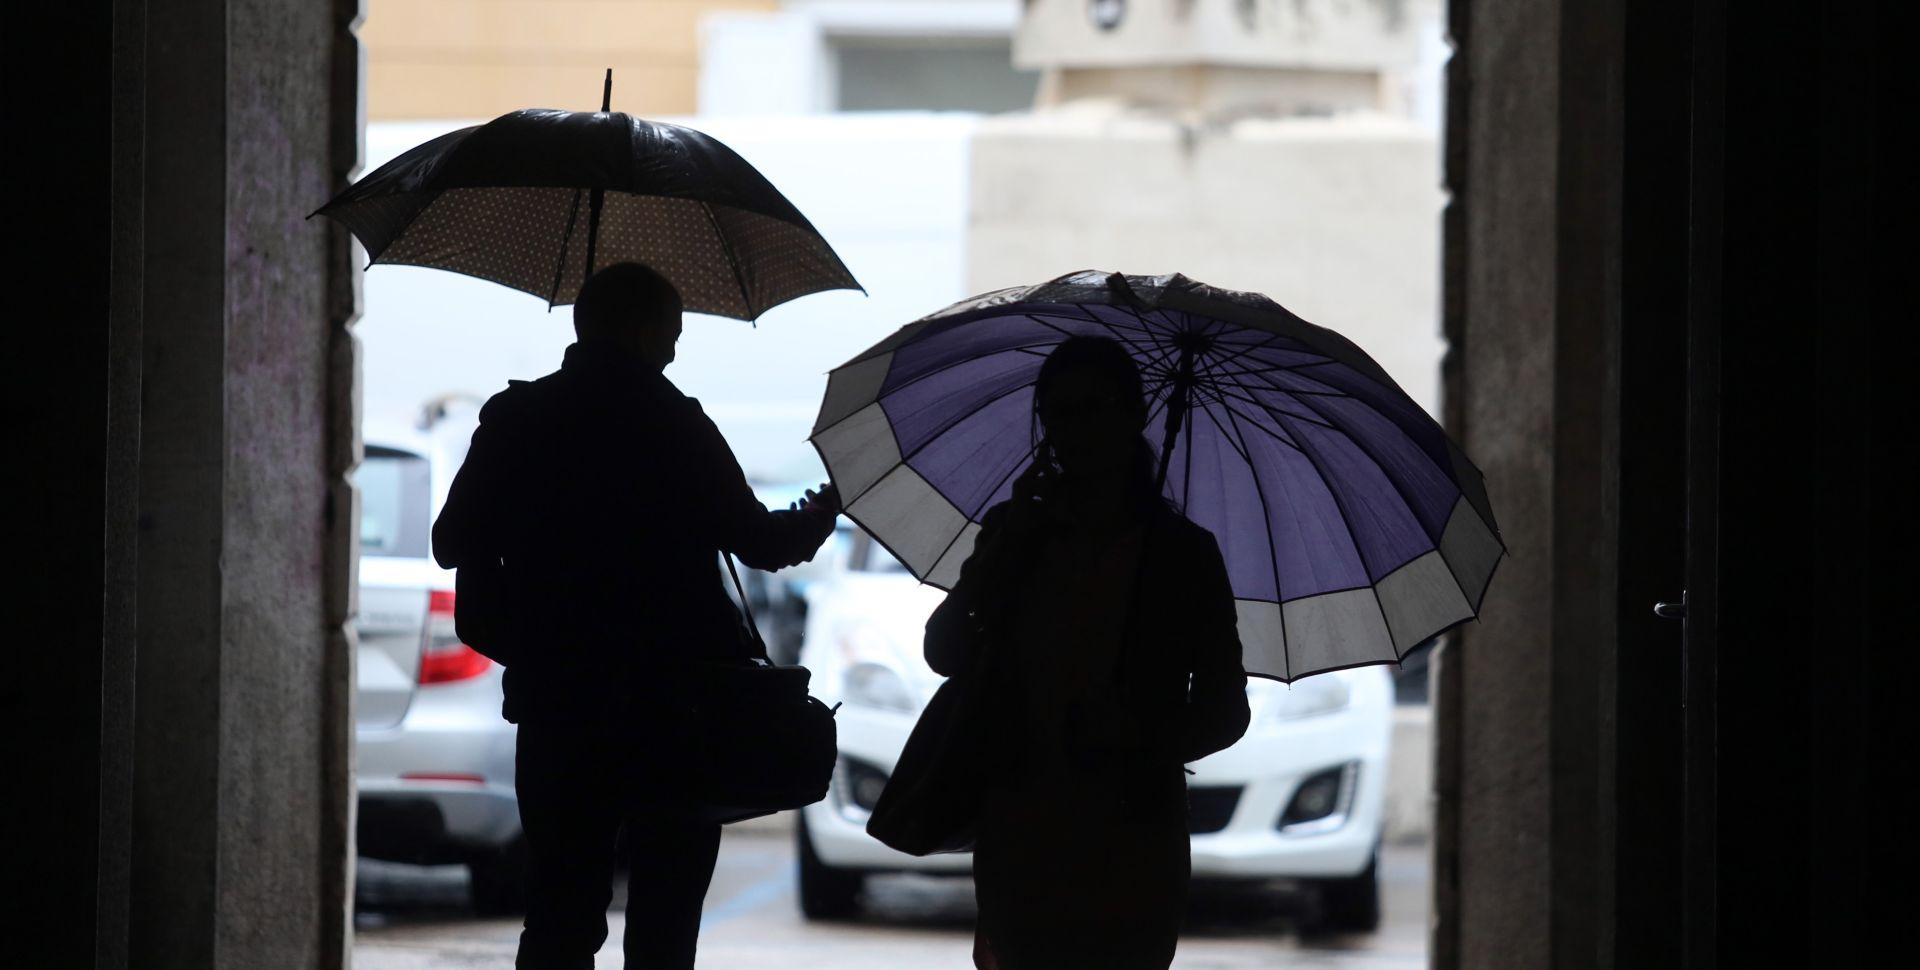 VRIJEME: Pretežno oblačno uz povremenu kišu, na Jadranu jugo